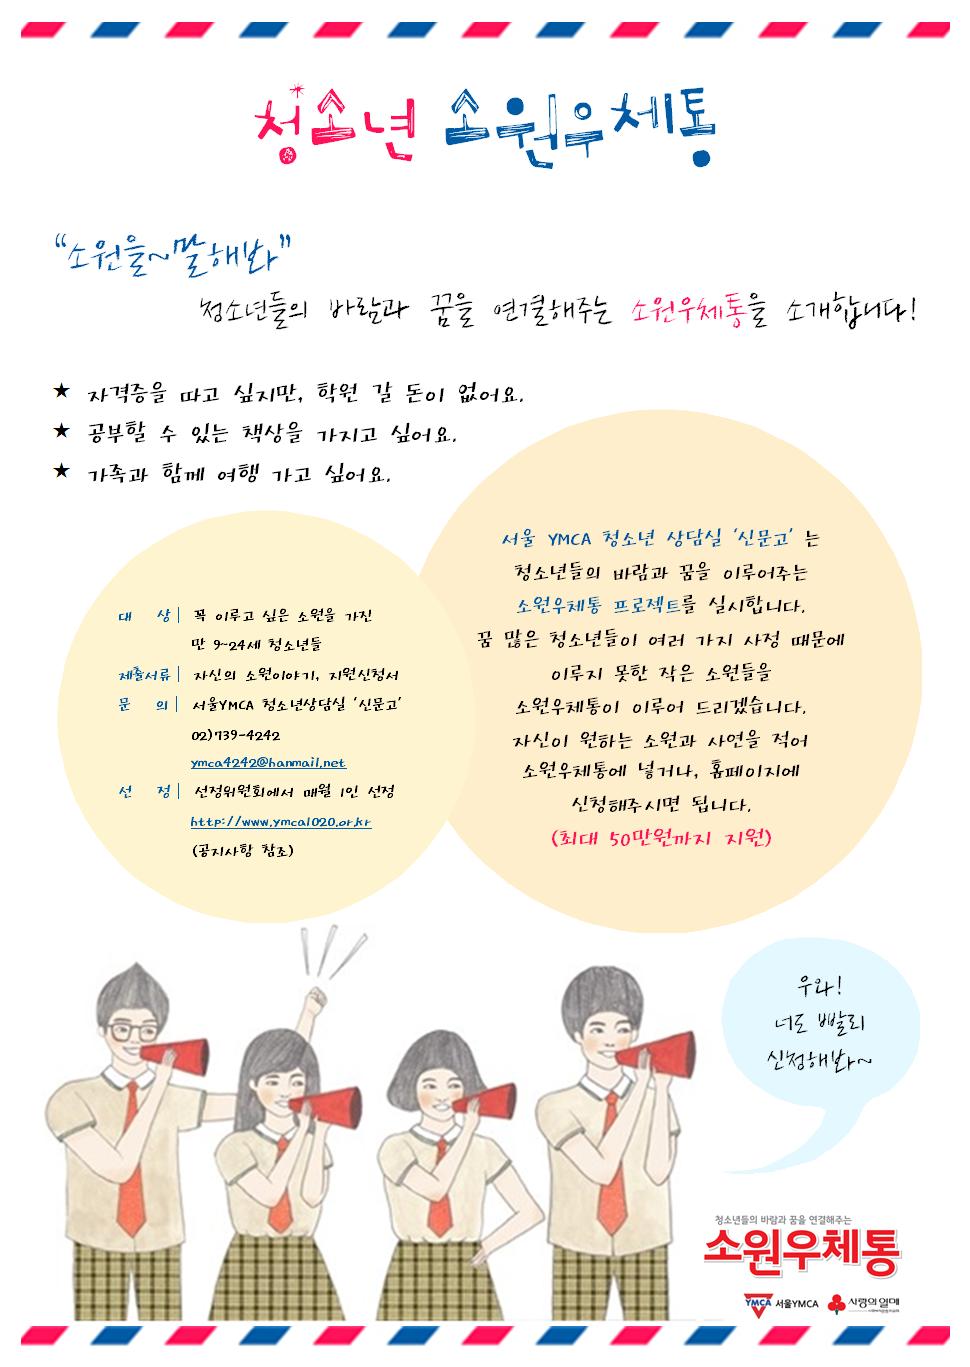 소원우체통웹자보2.png